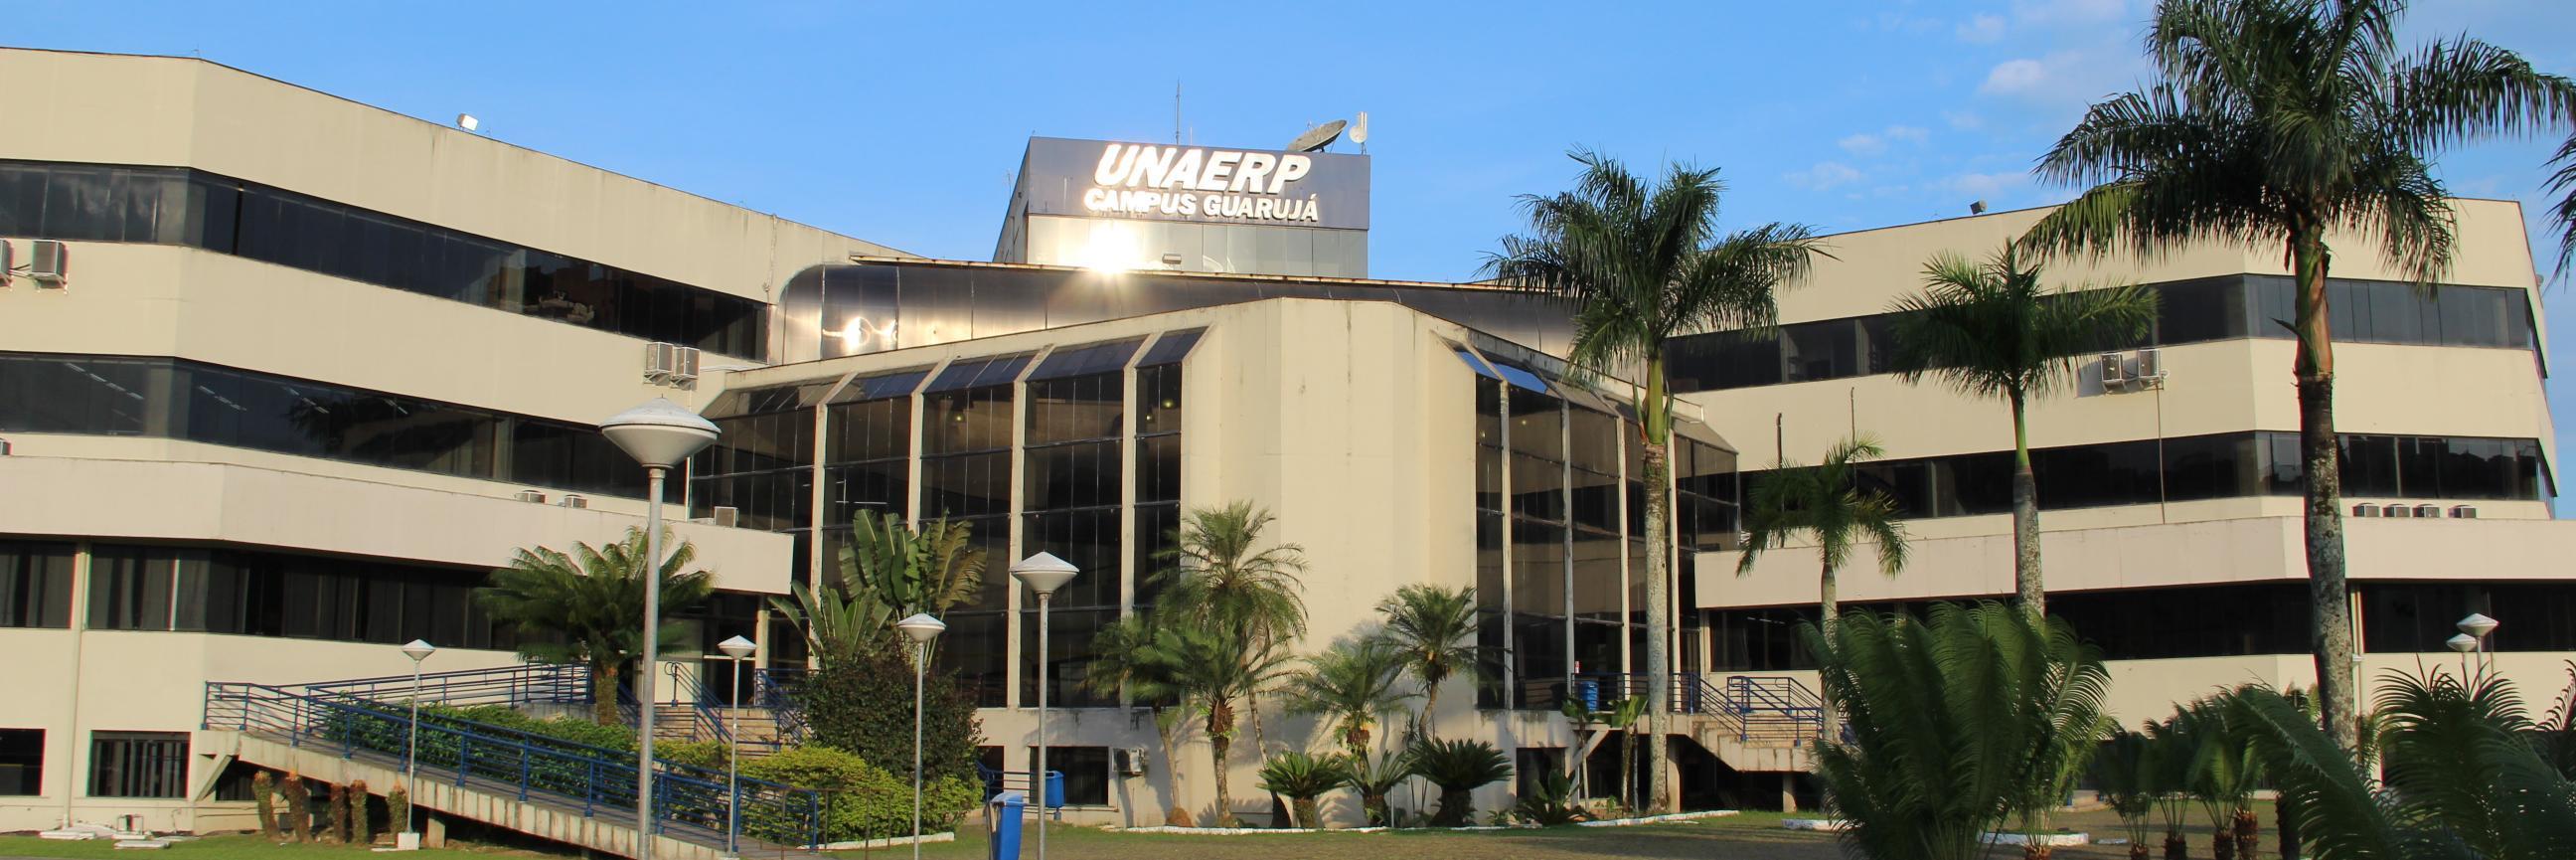 Universidade de Ribeirão Preto's official Twitter account